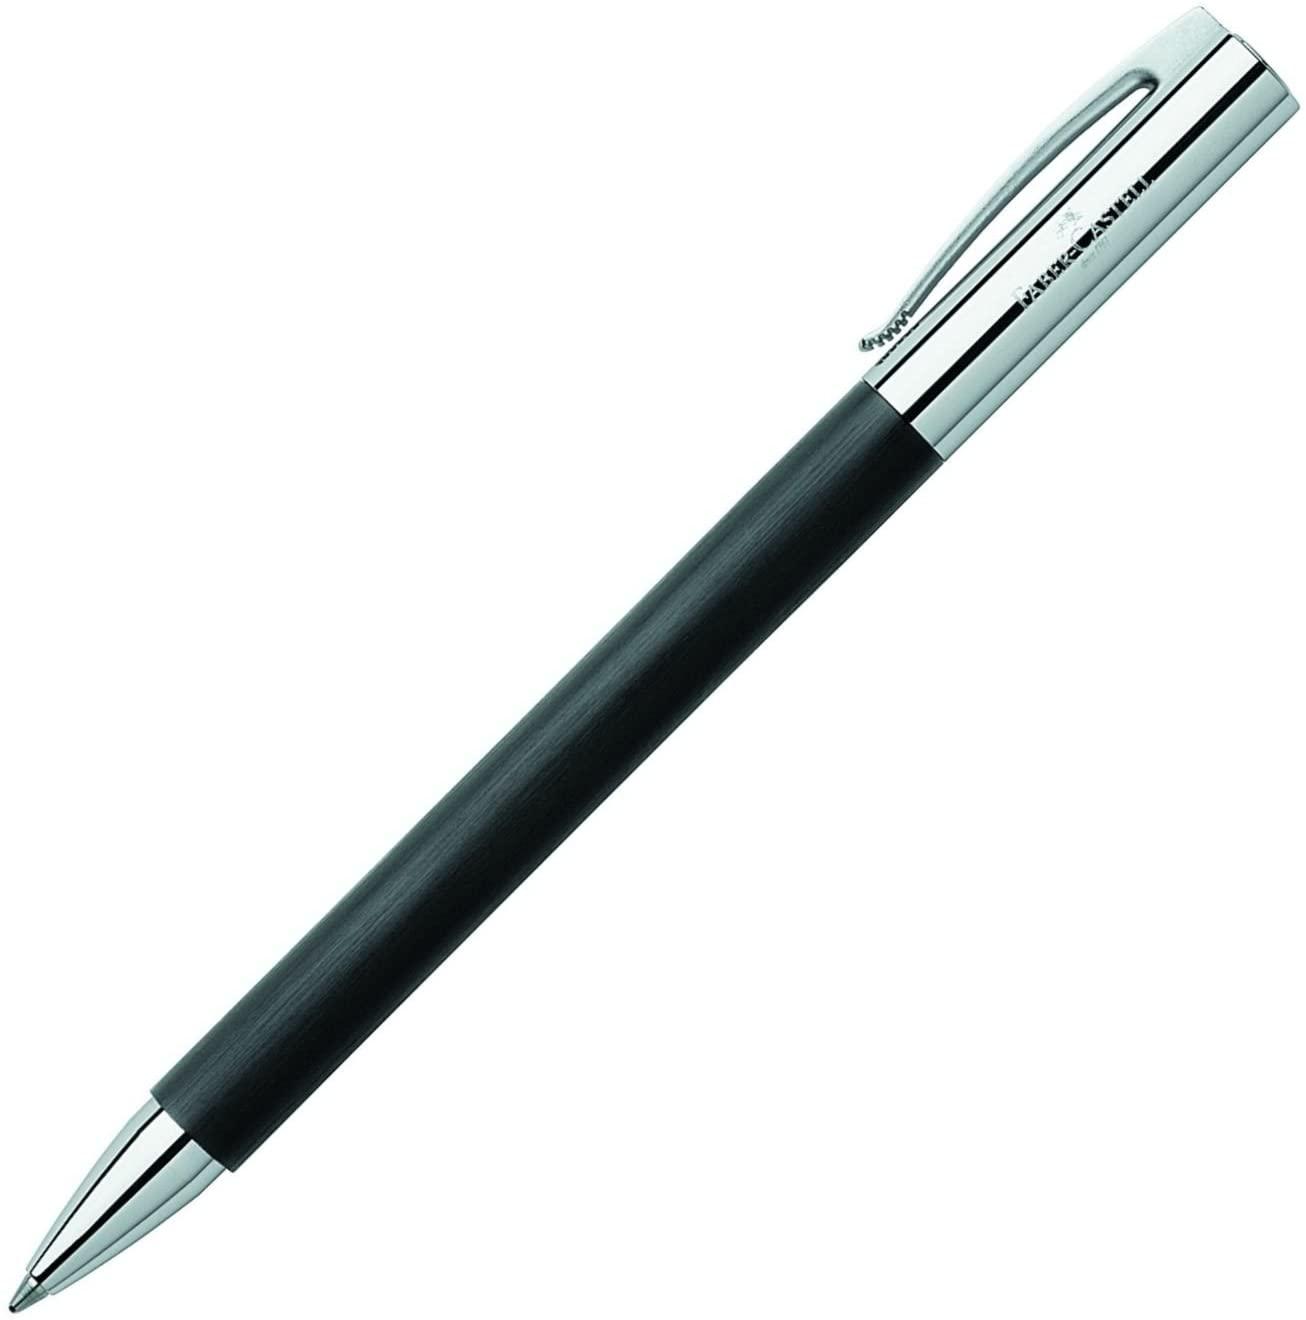 B000KTCMYI Faber Castell Ambition Ballpoint Pen